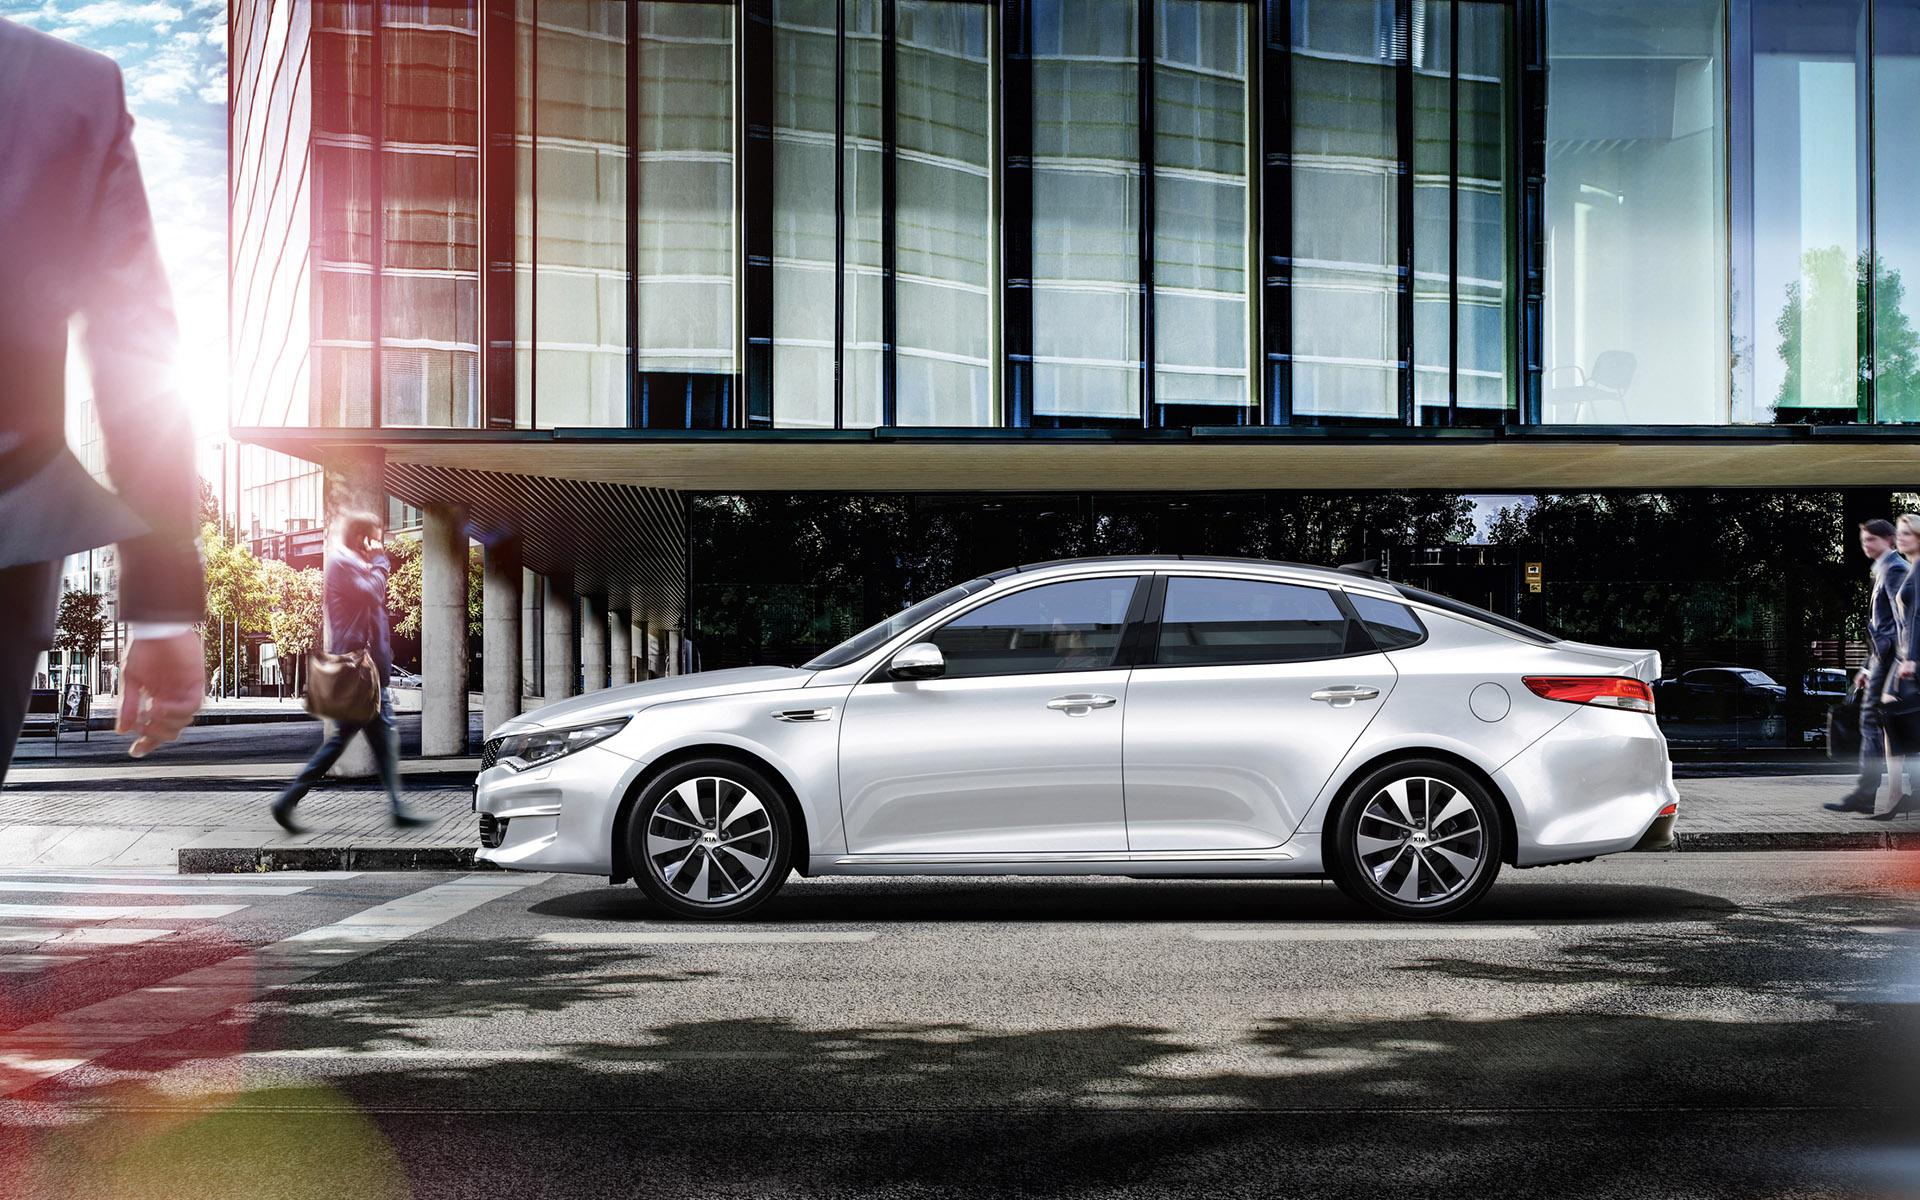 auto review express optima new kia